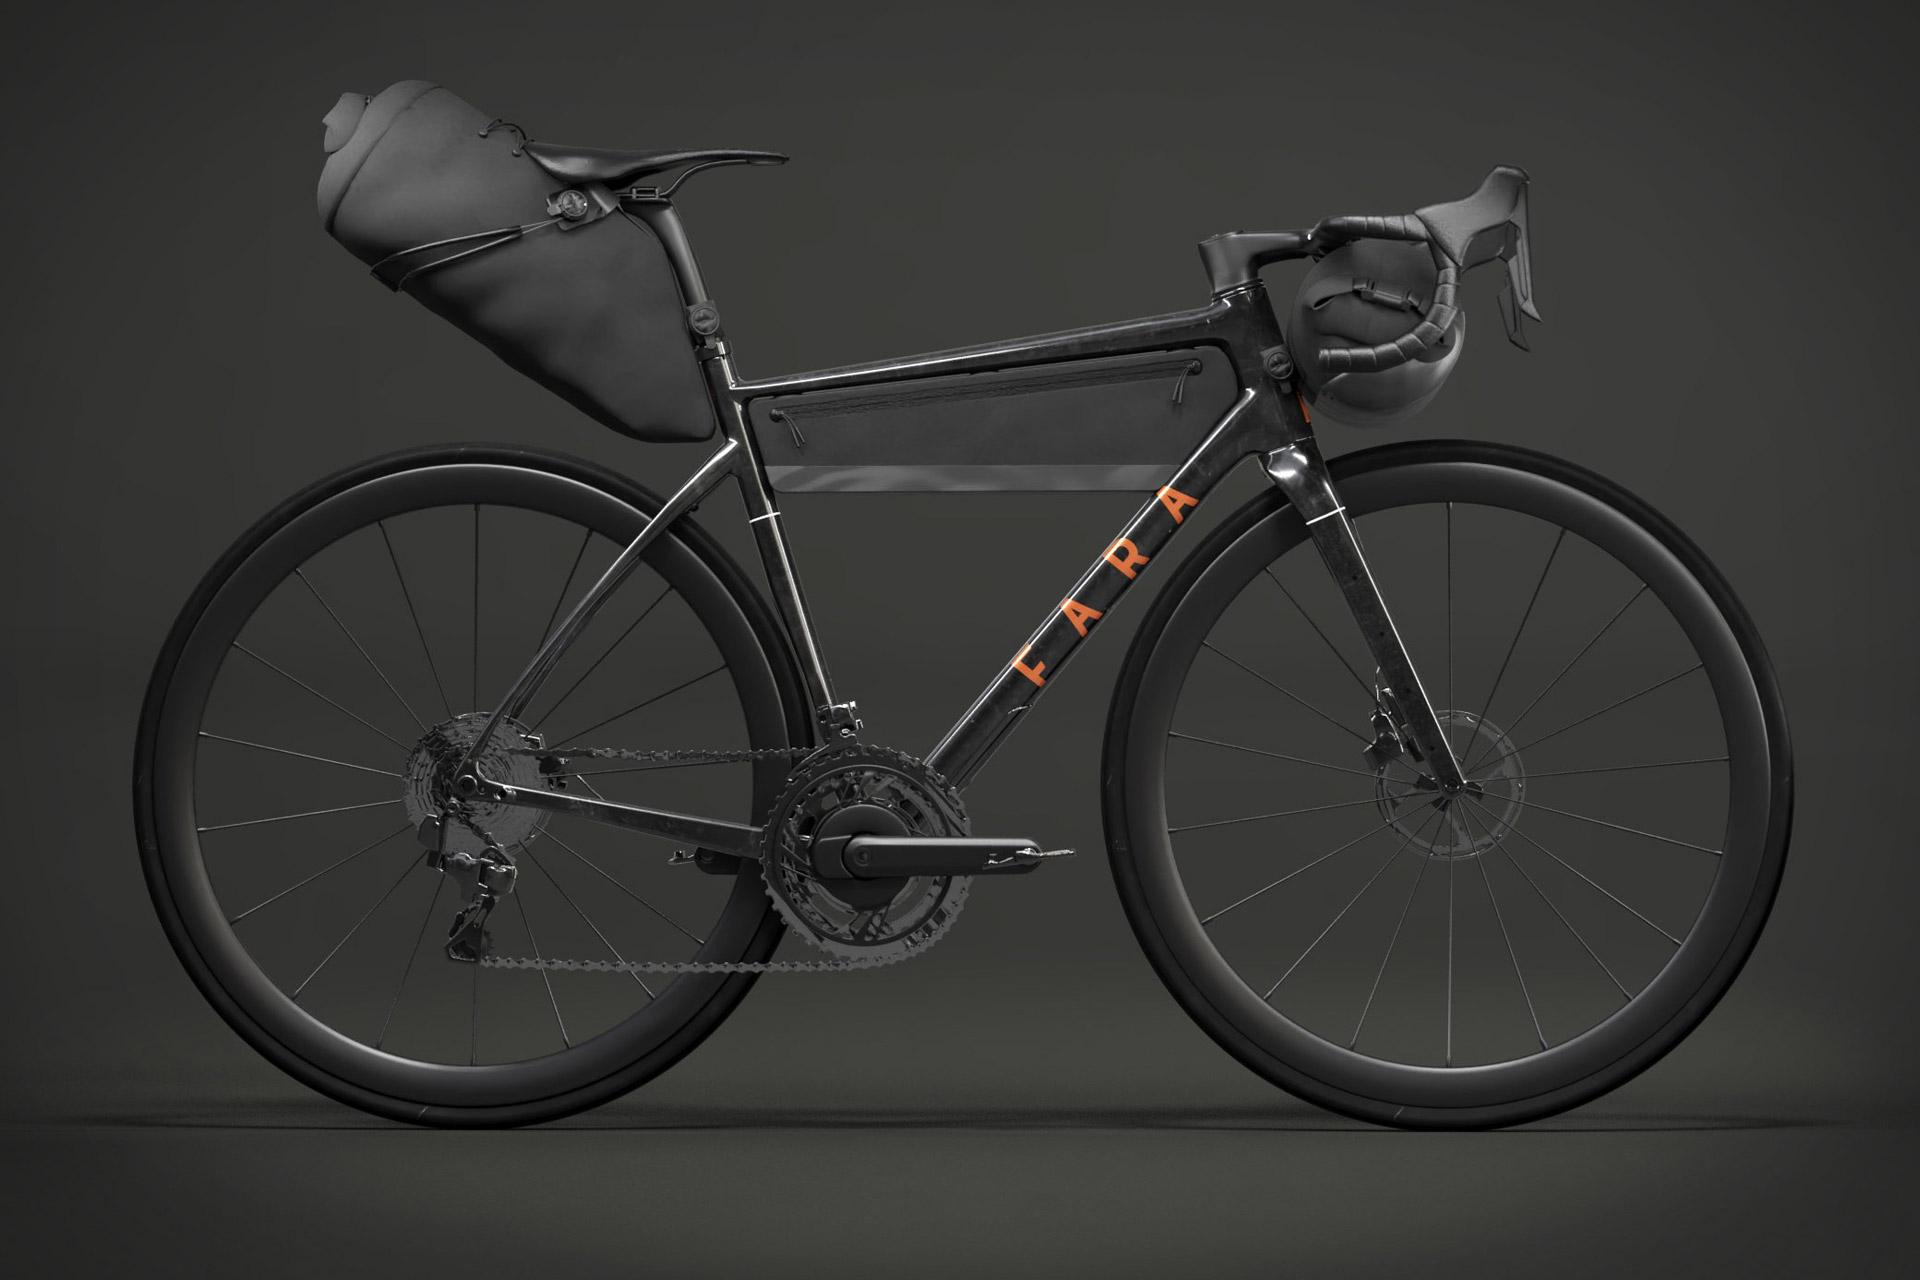 2021 Fara F/AR Bicycle